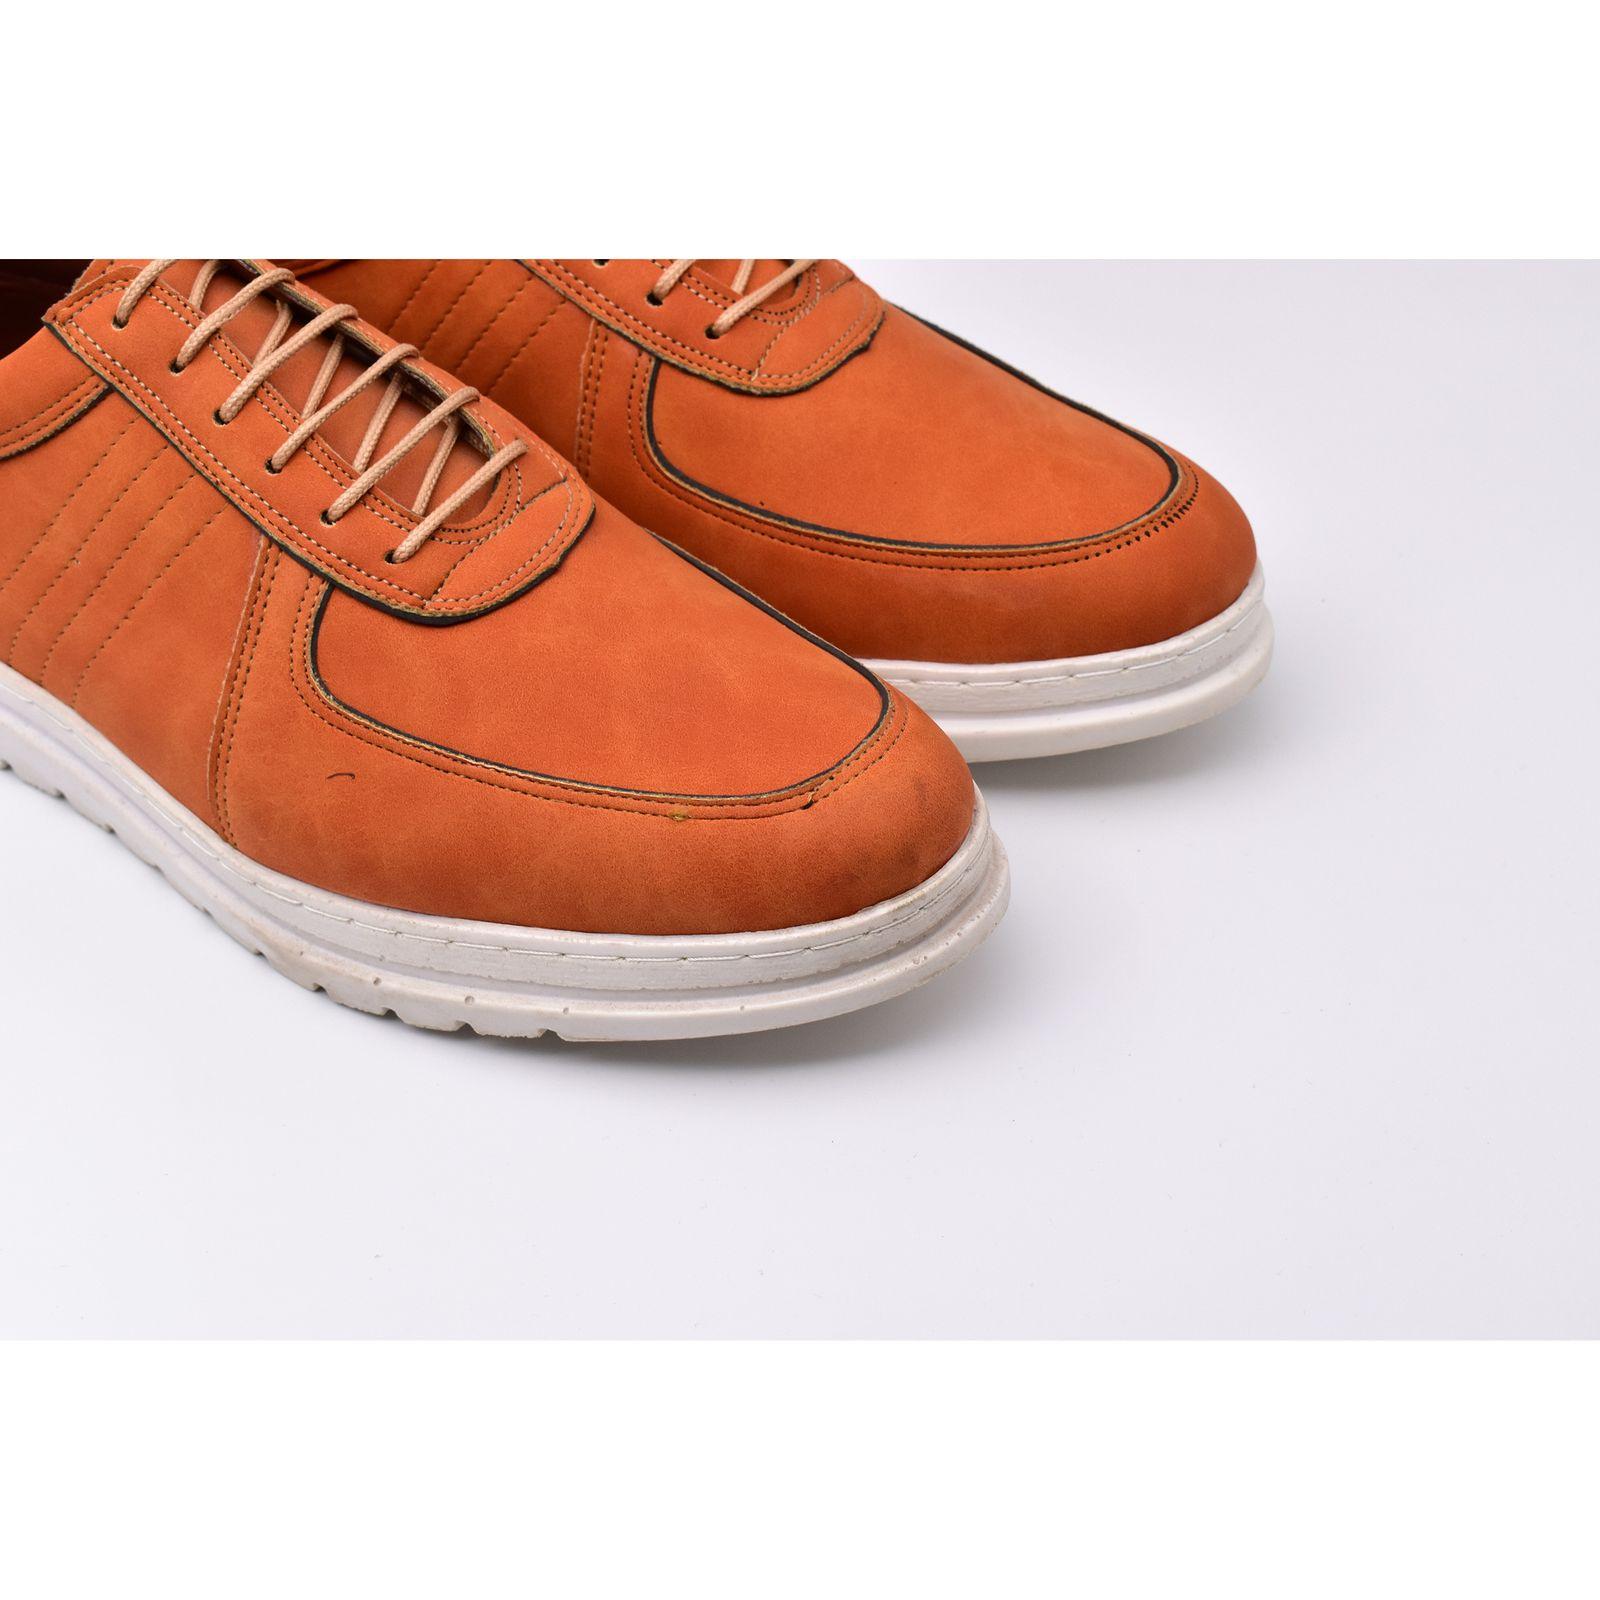 کفش روزمره مردانه کد 480AB -  - 1